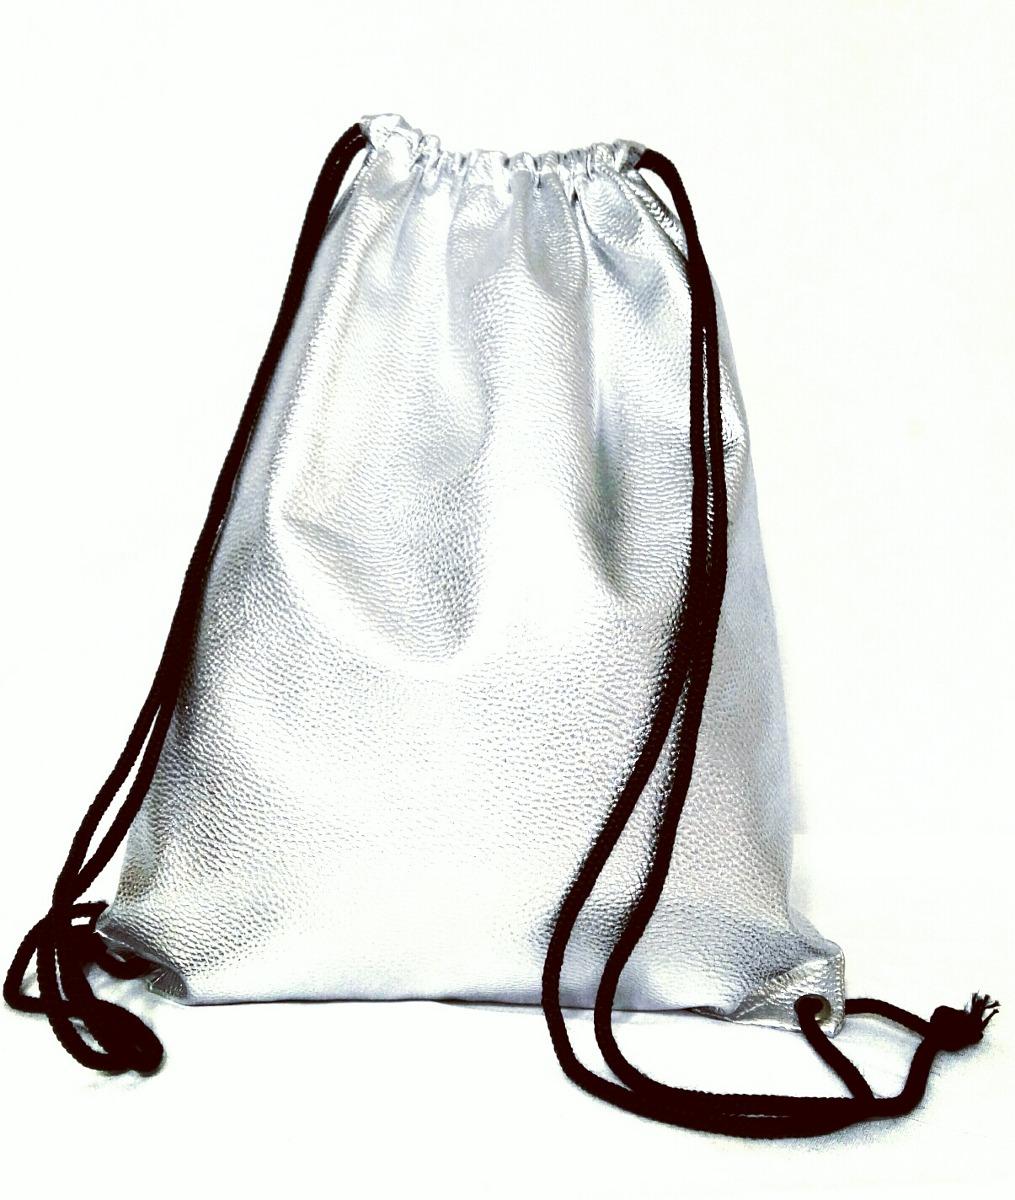 b30ae8591 Mochila Plateada Bolsa D Moda En Eco Cuero - $ 350,00 en Mercado Libre